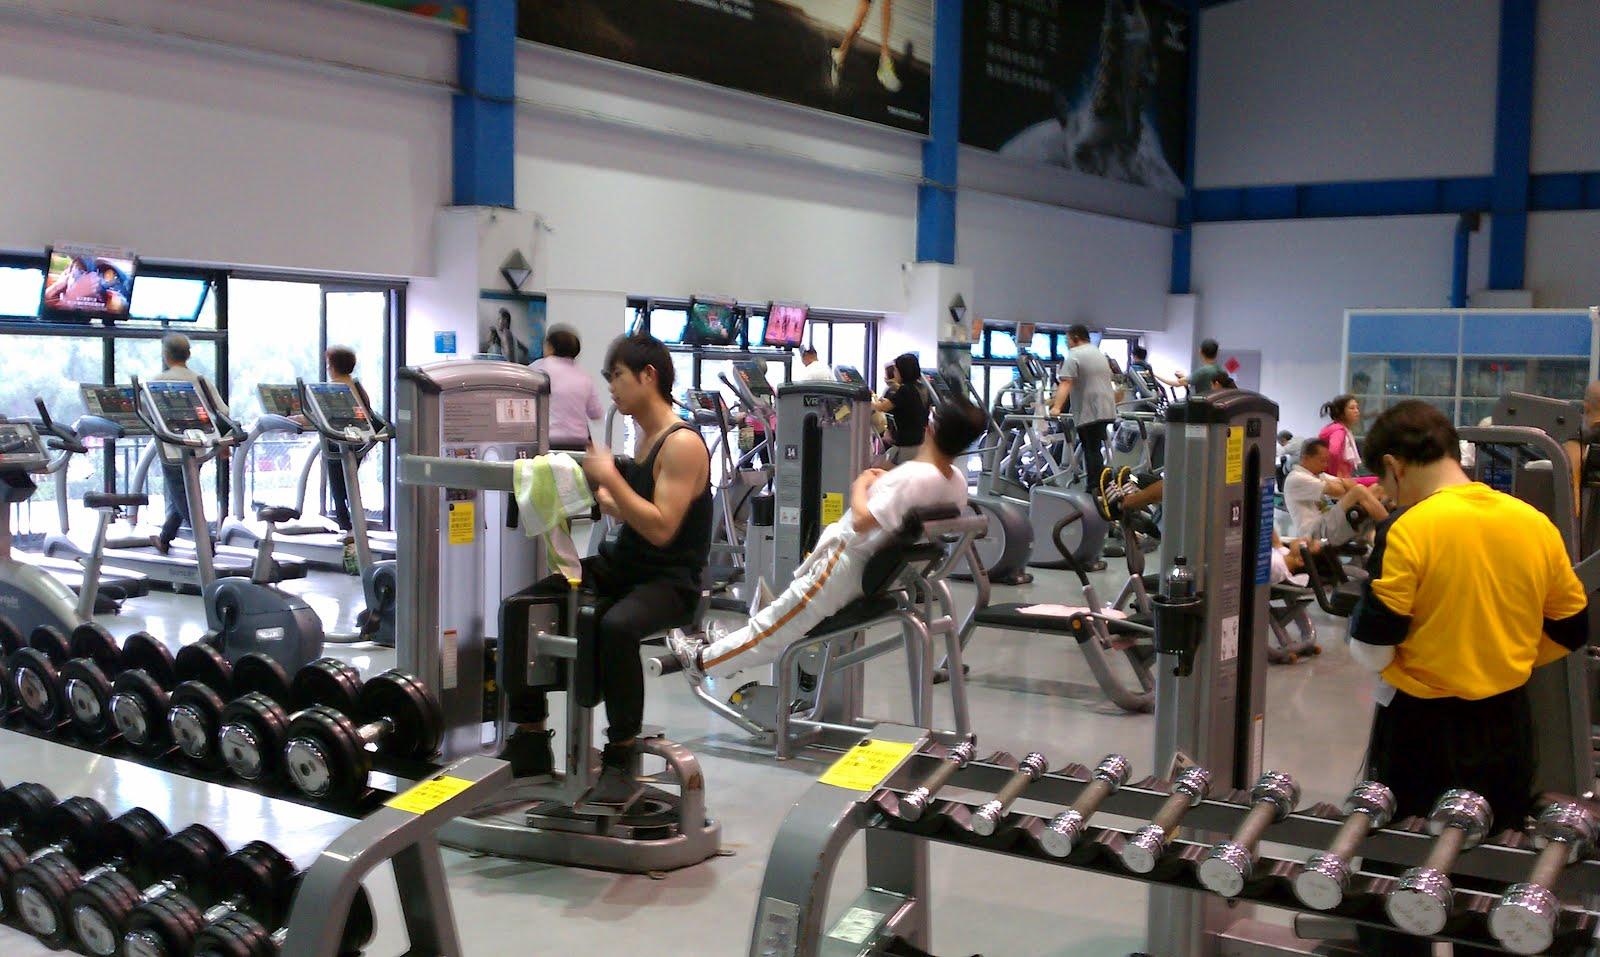 圖片搜尋: 健身房